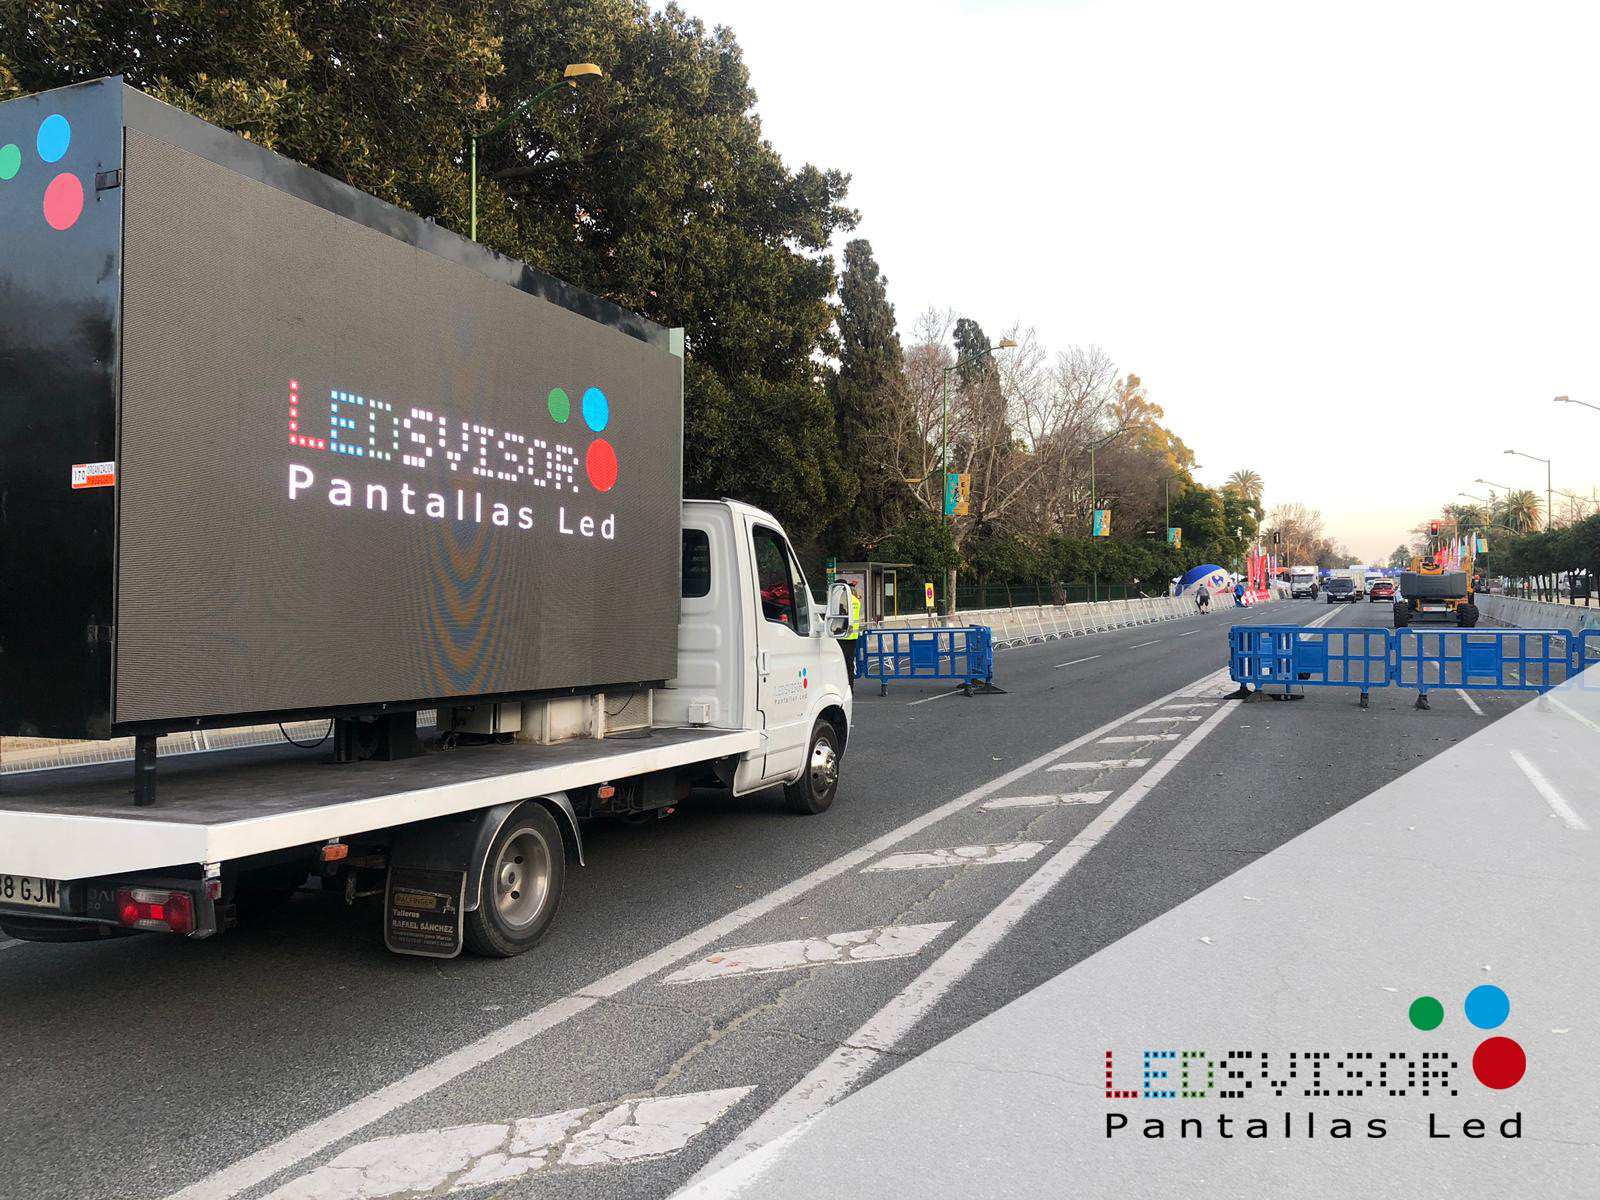 ledsvisor-maraton-zurich-sevilla-2019-3